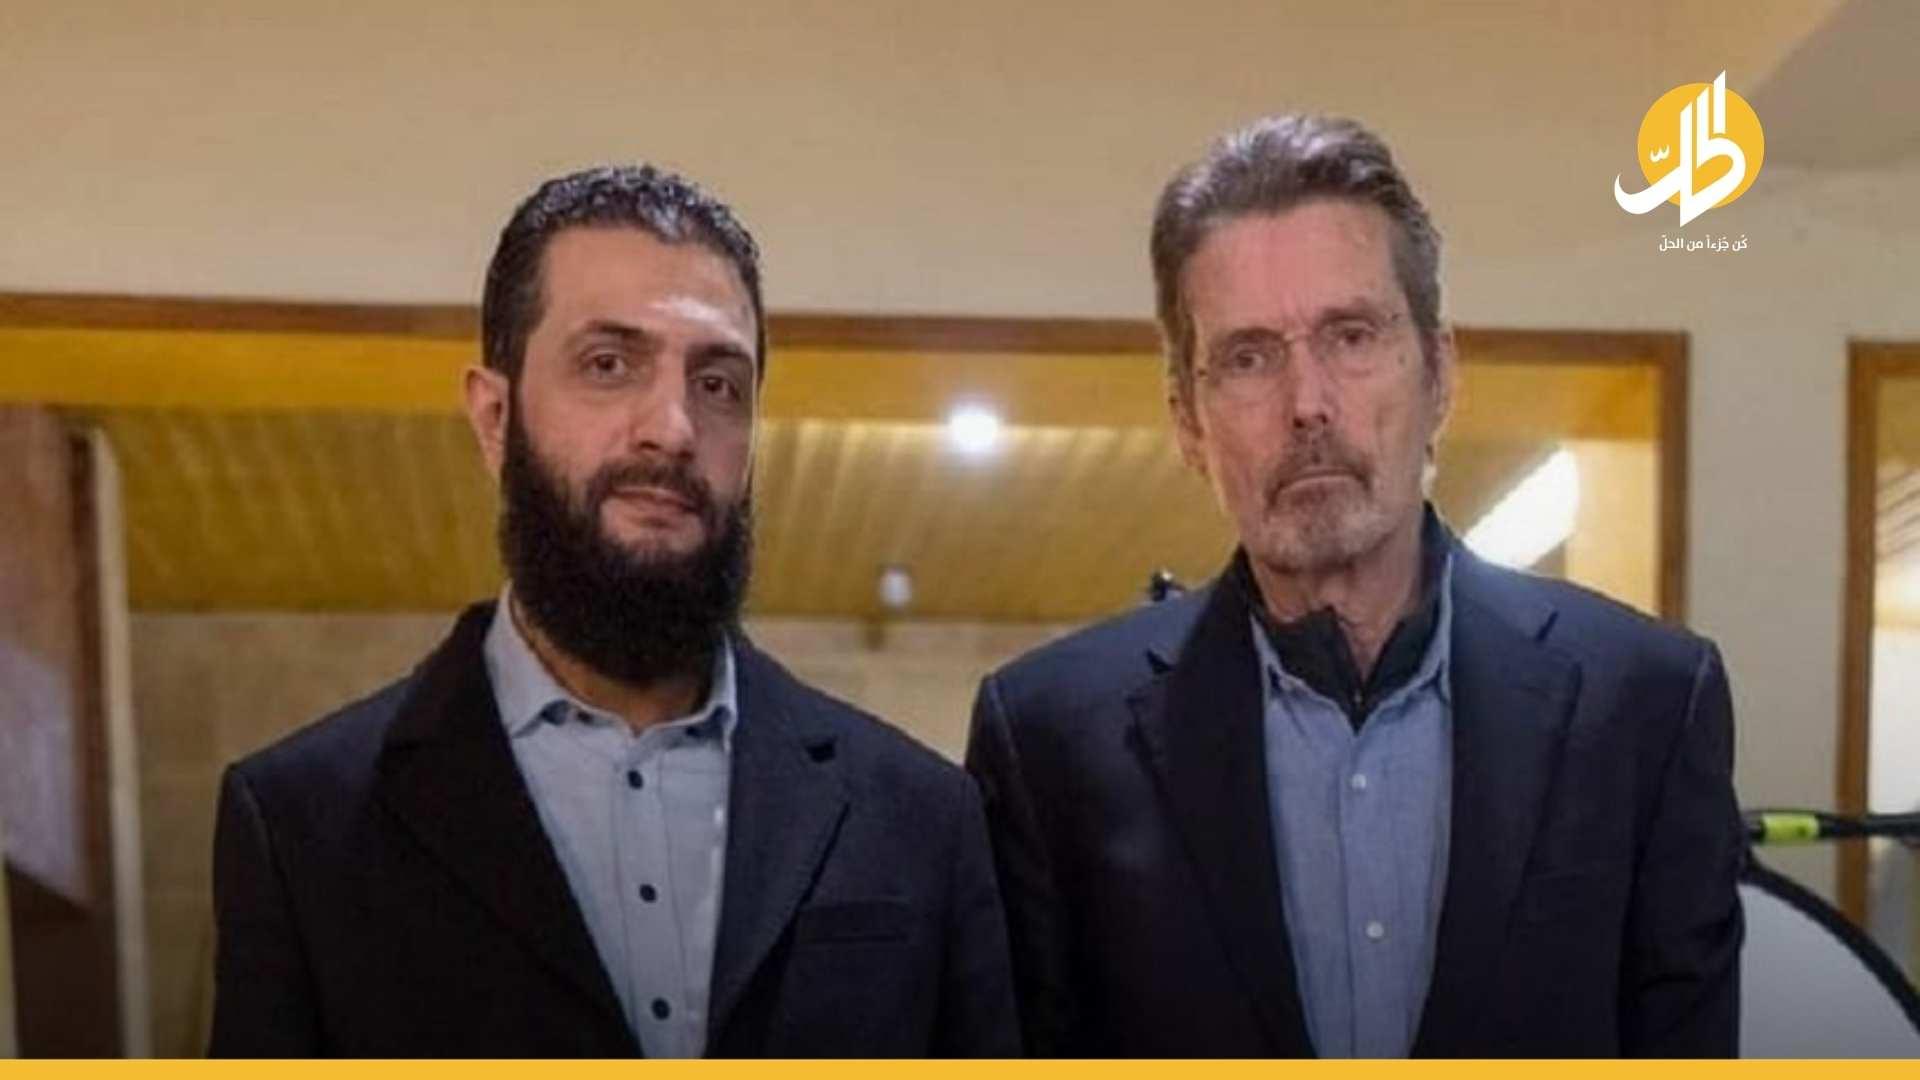 """""""الجولاني"""" : والدي توصل إلى تسوية مع المخابرات السورية ولست نادماً على عملي مع """"البغدادي"""""""